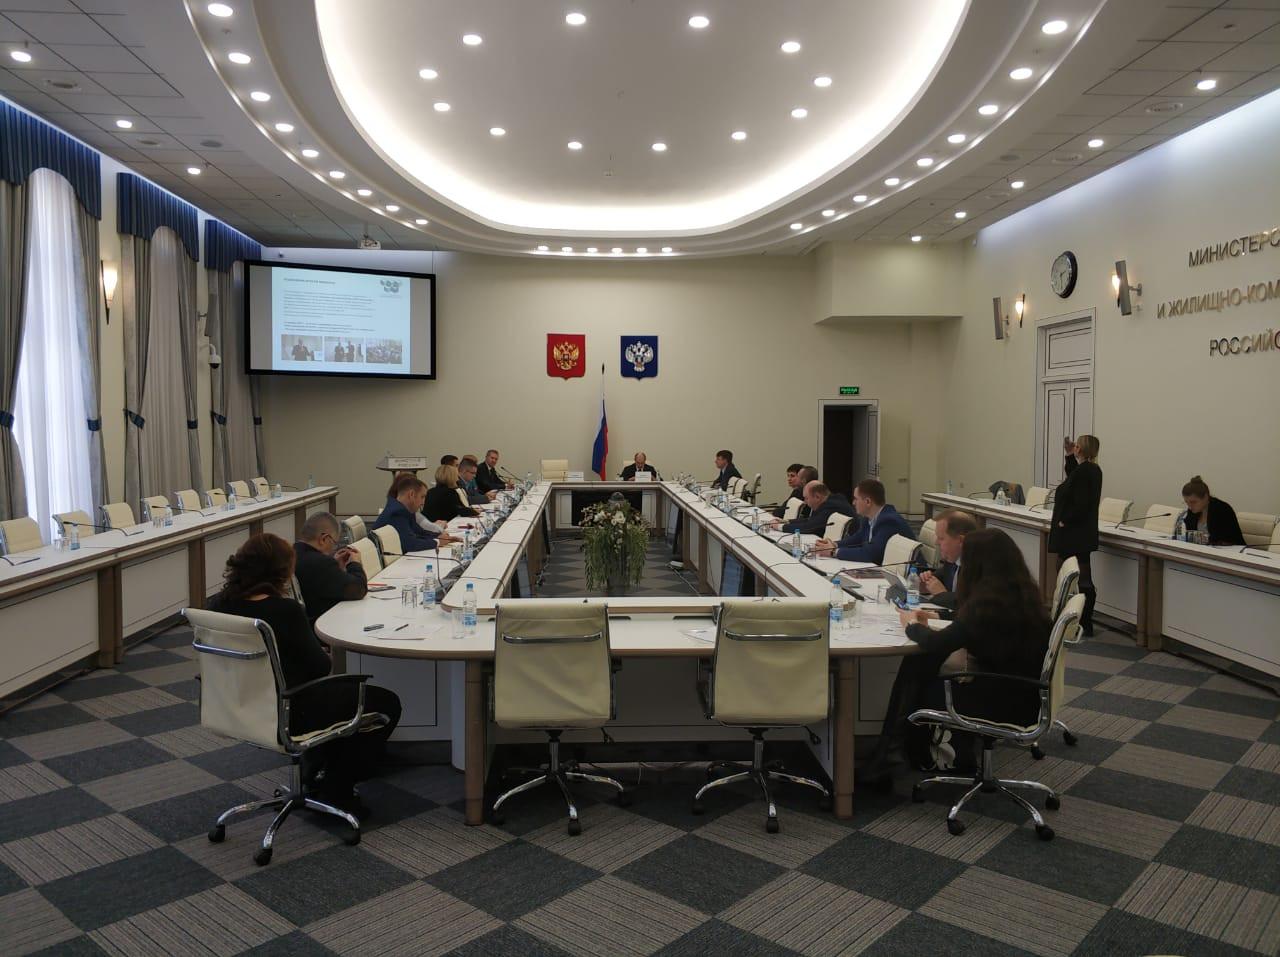 В Минстрое состоялось заседание оргкомитета IV Всероссийского конкурса с международным участием «BIM-технологии 2019/20»